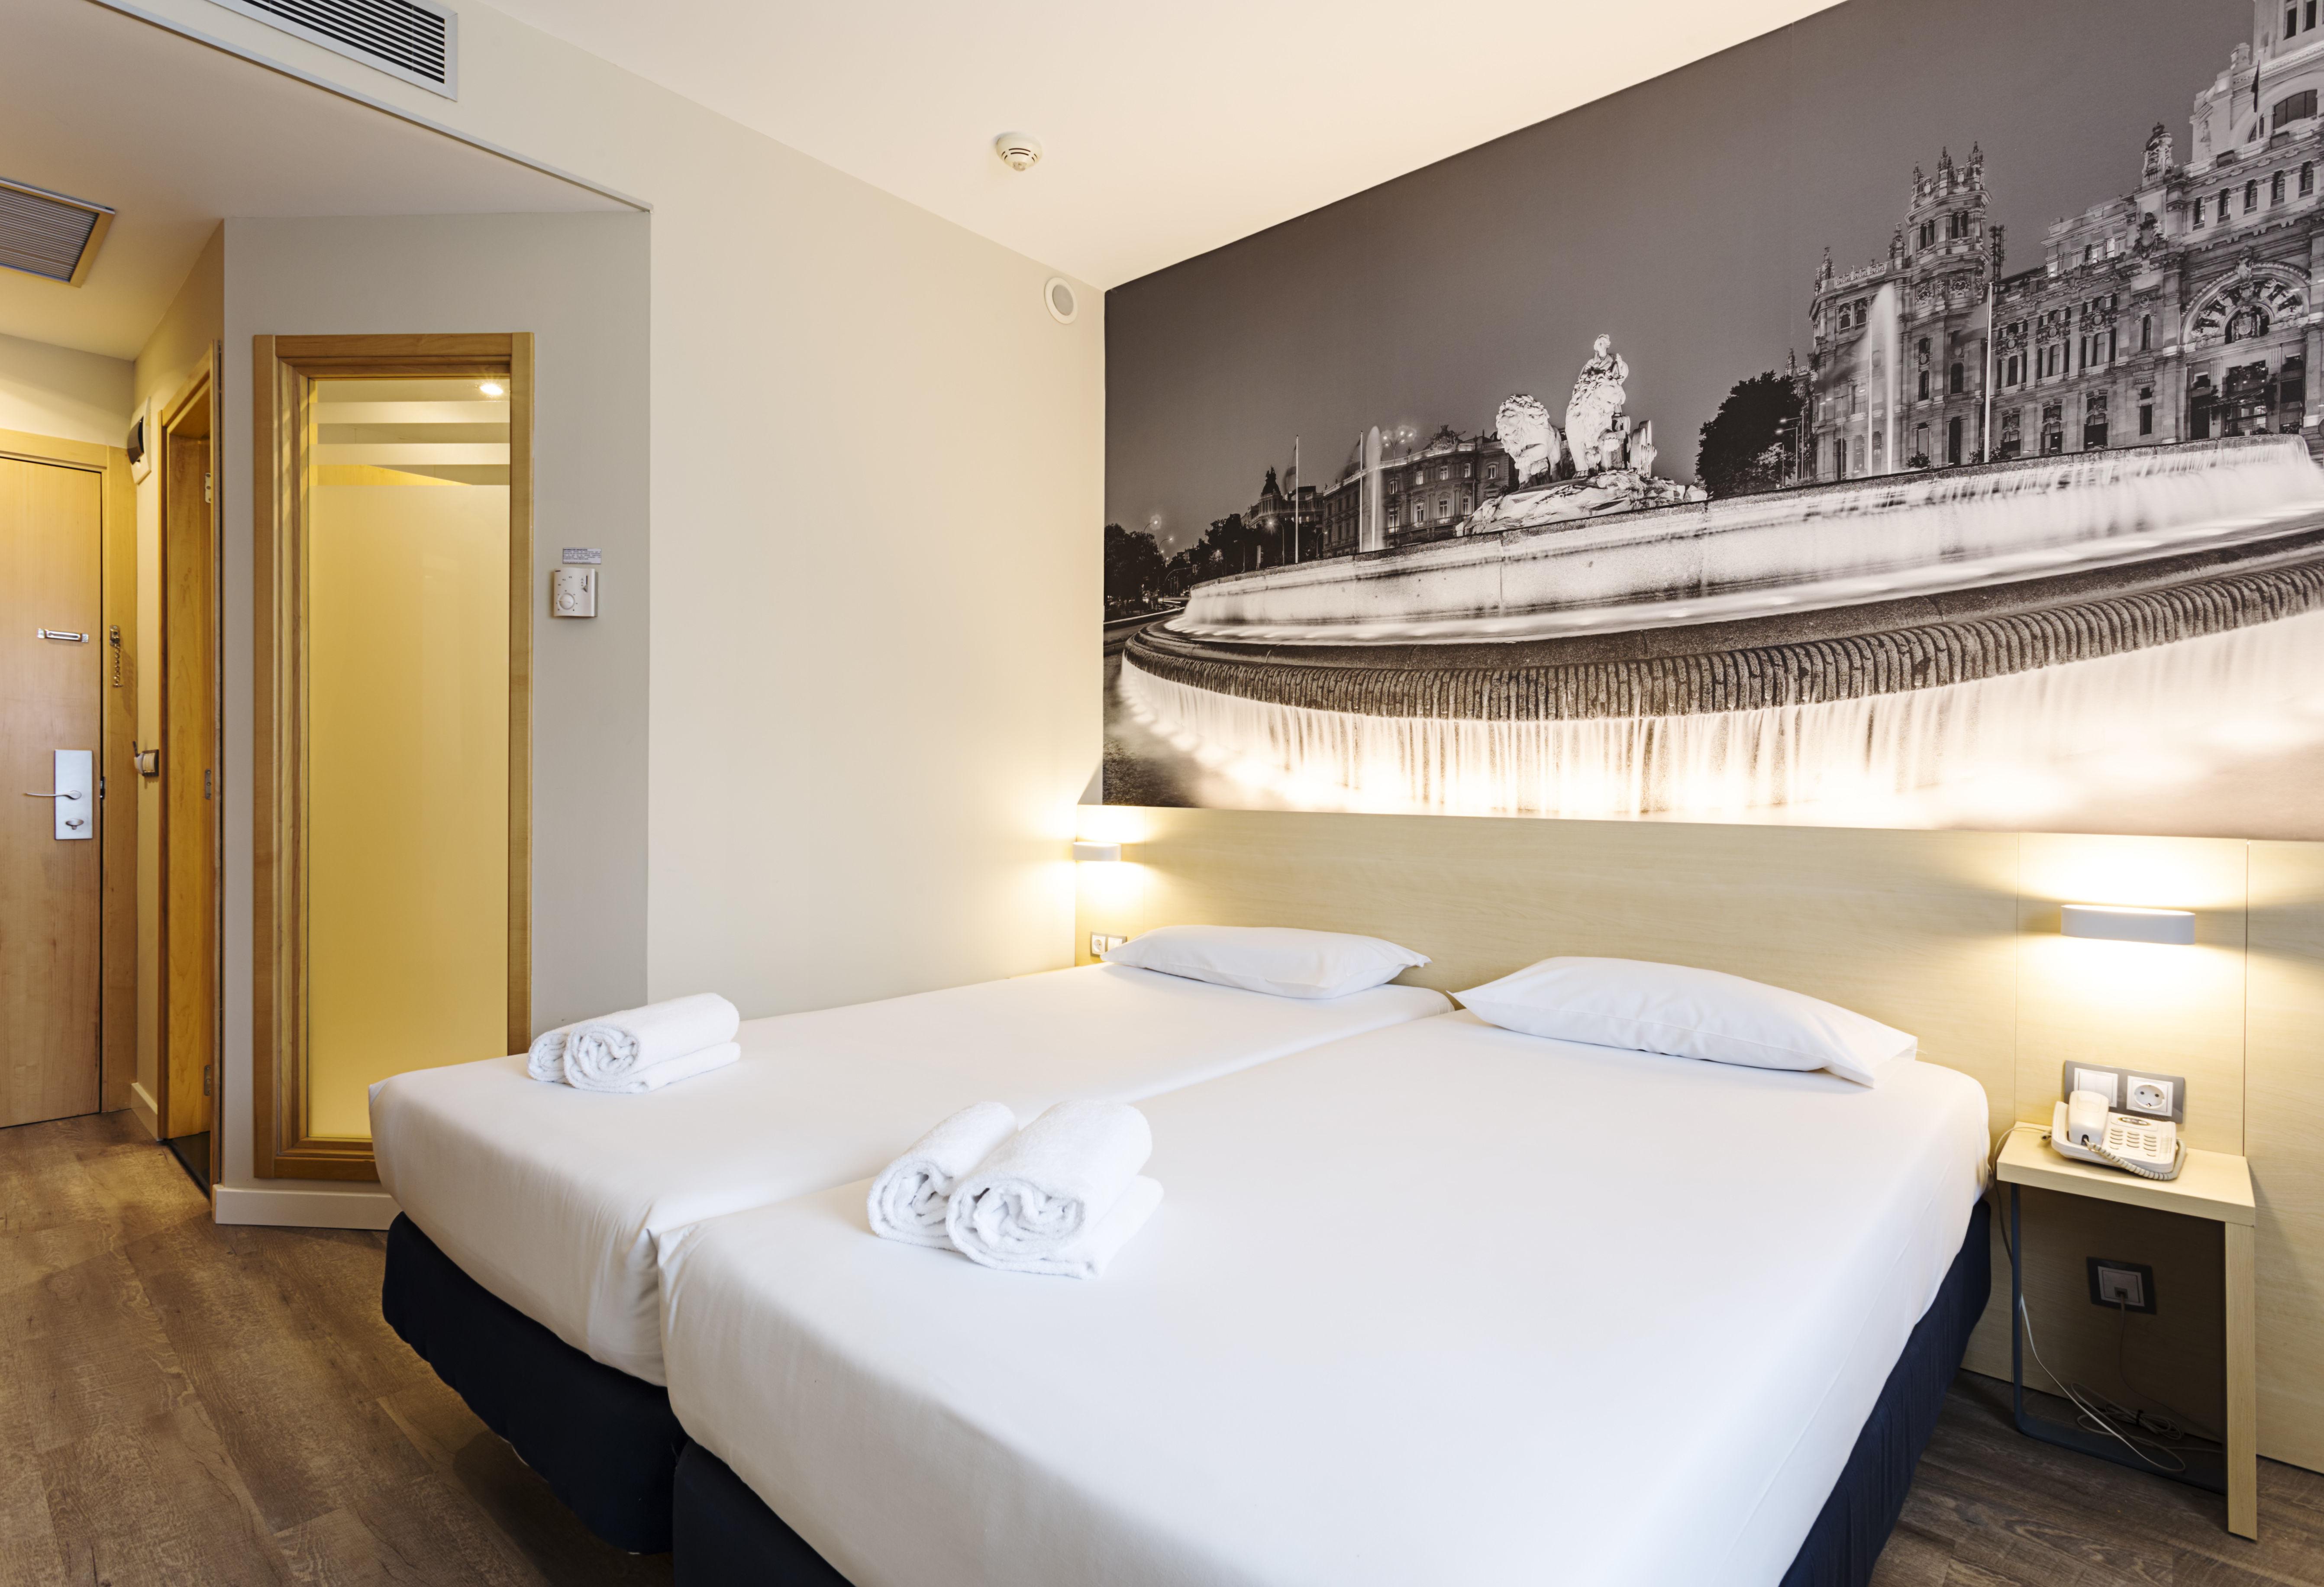 Habitación doble Fumadores del hotel B&b Madrid Airport. Foto 1